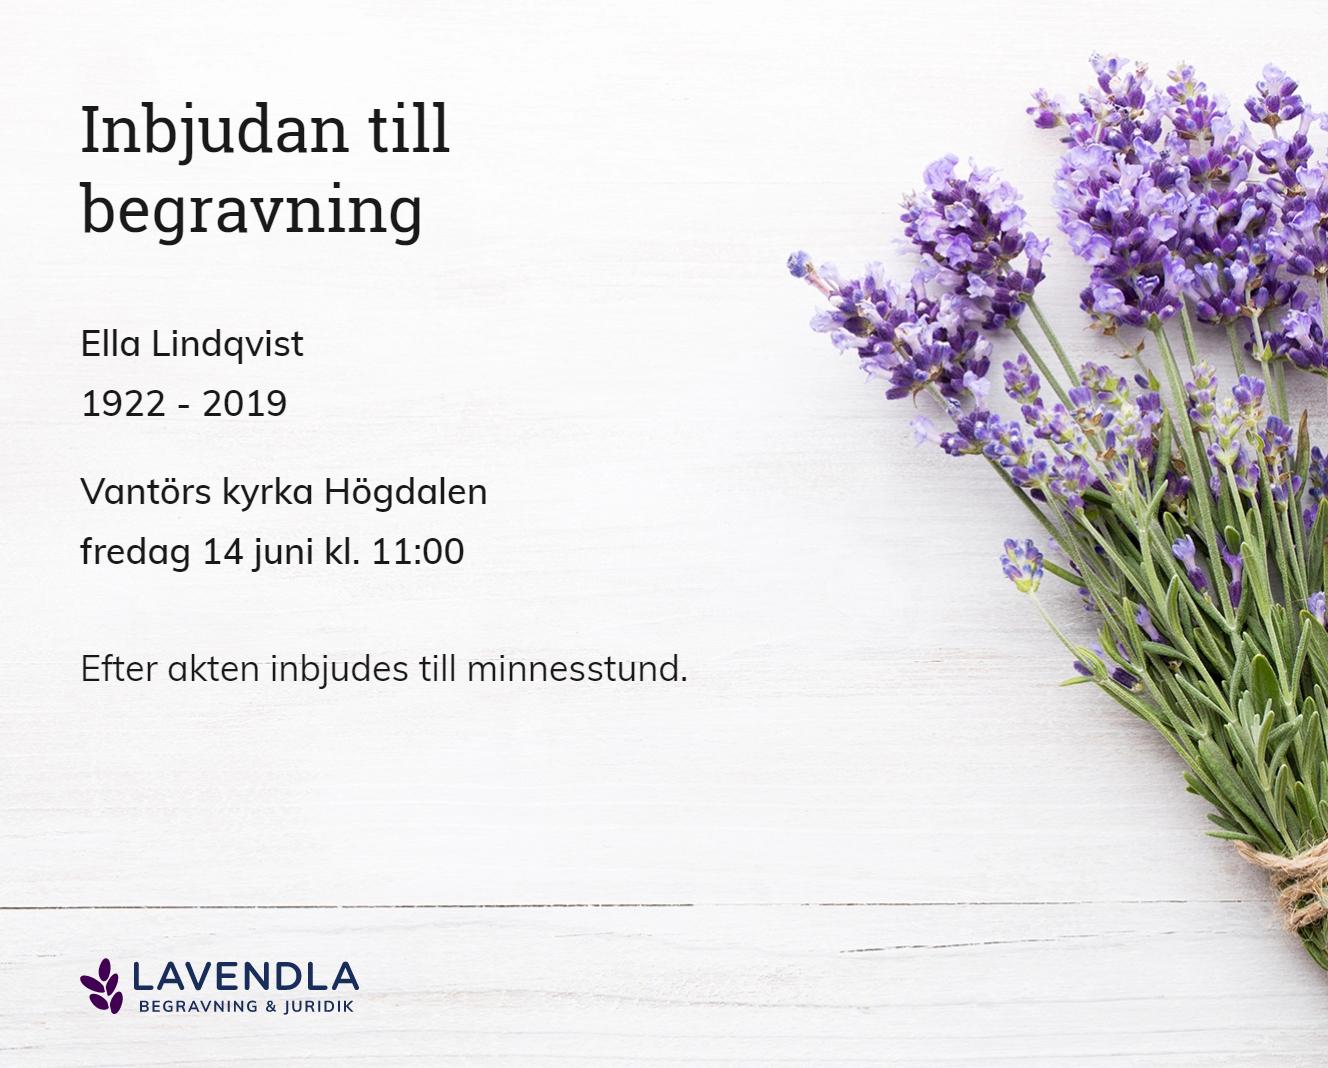 Inbjudningskort till ceremonin för Ella Lindqvist